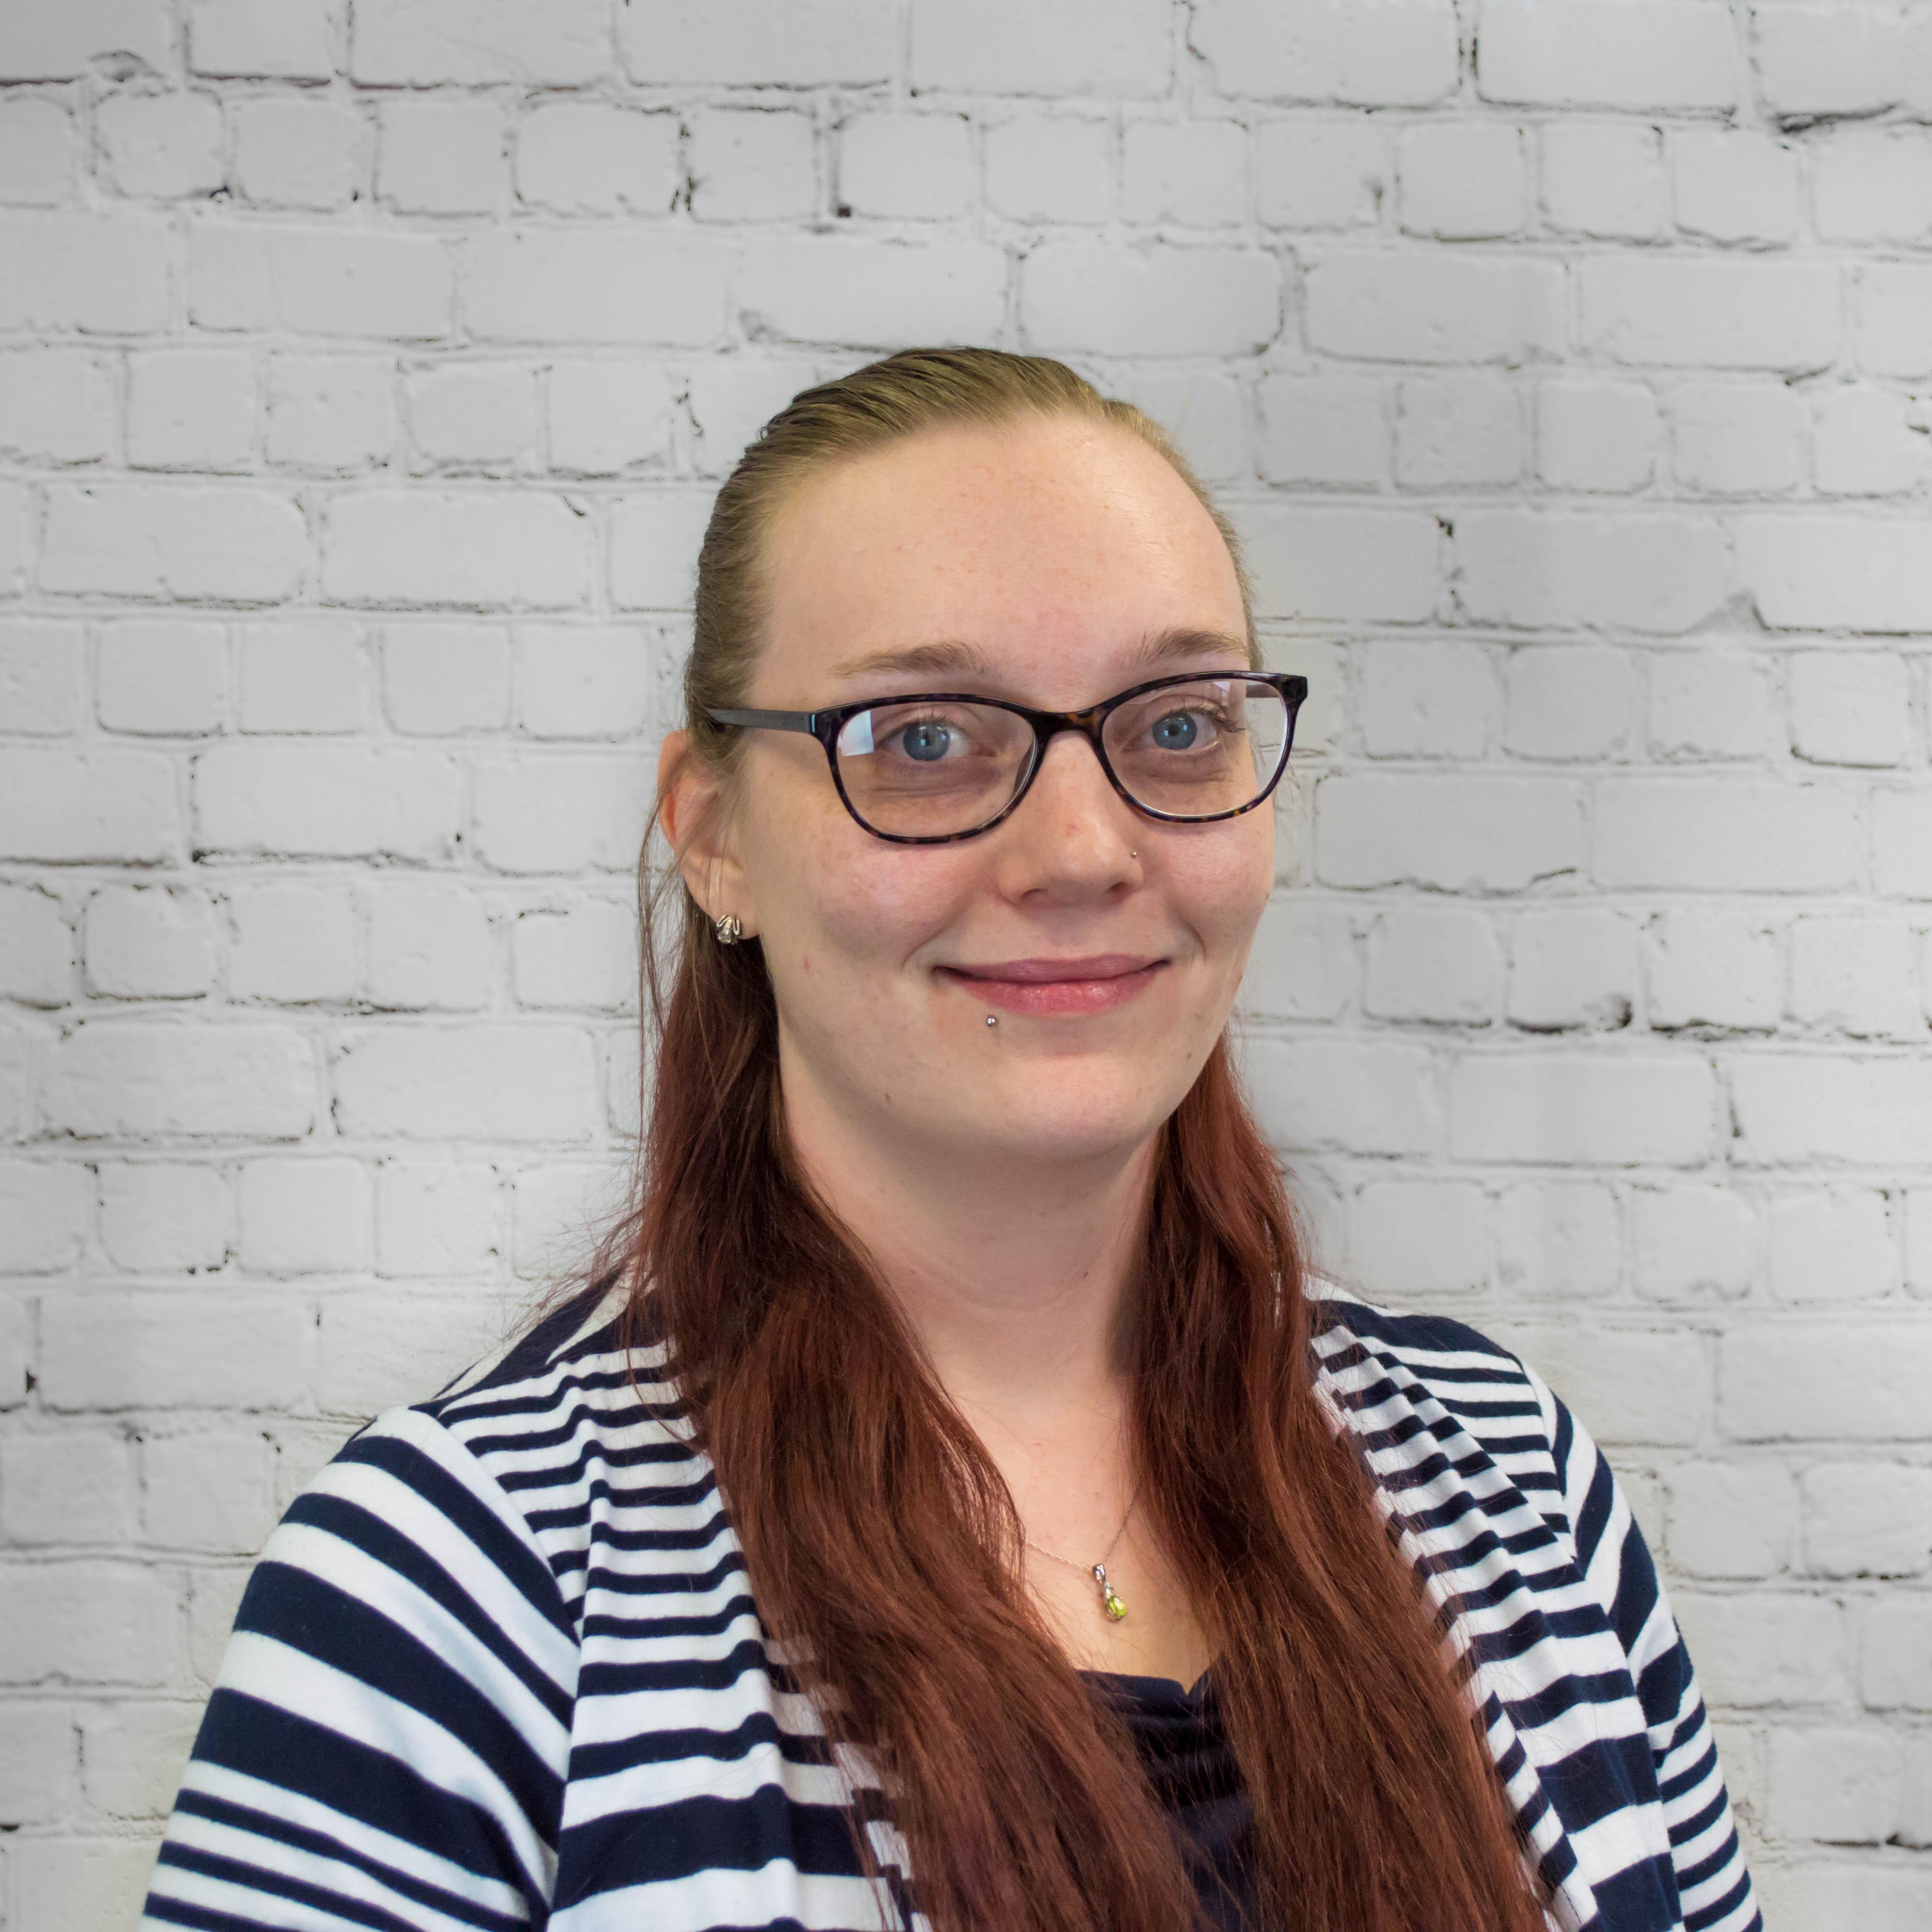 Headshot of Krystal, an Inside Sales Specialist.